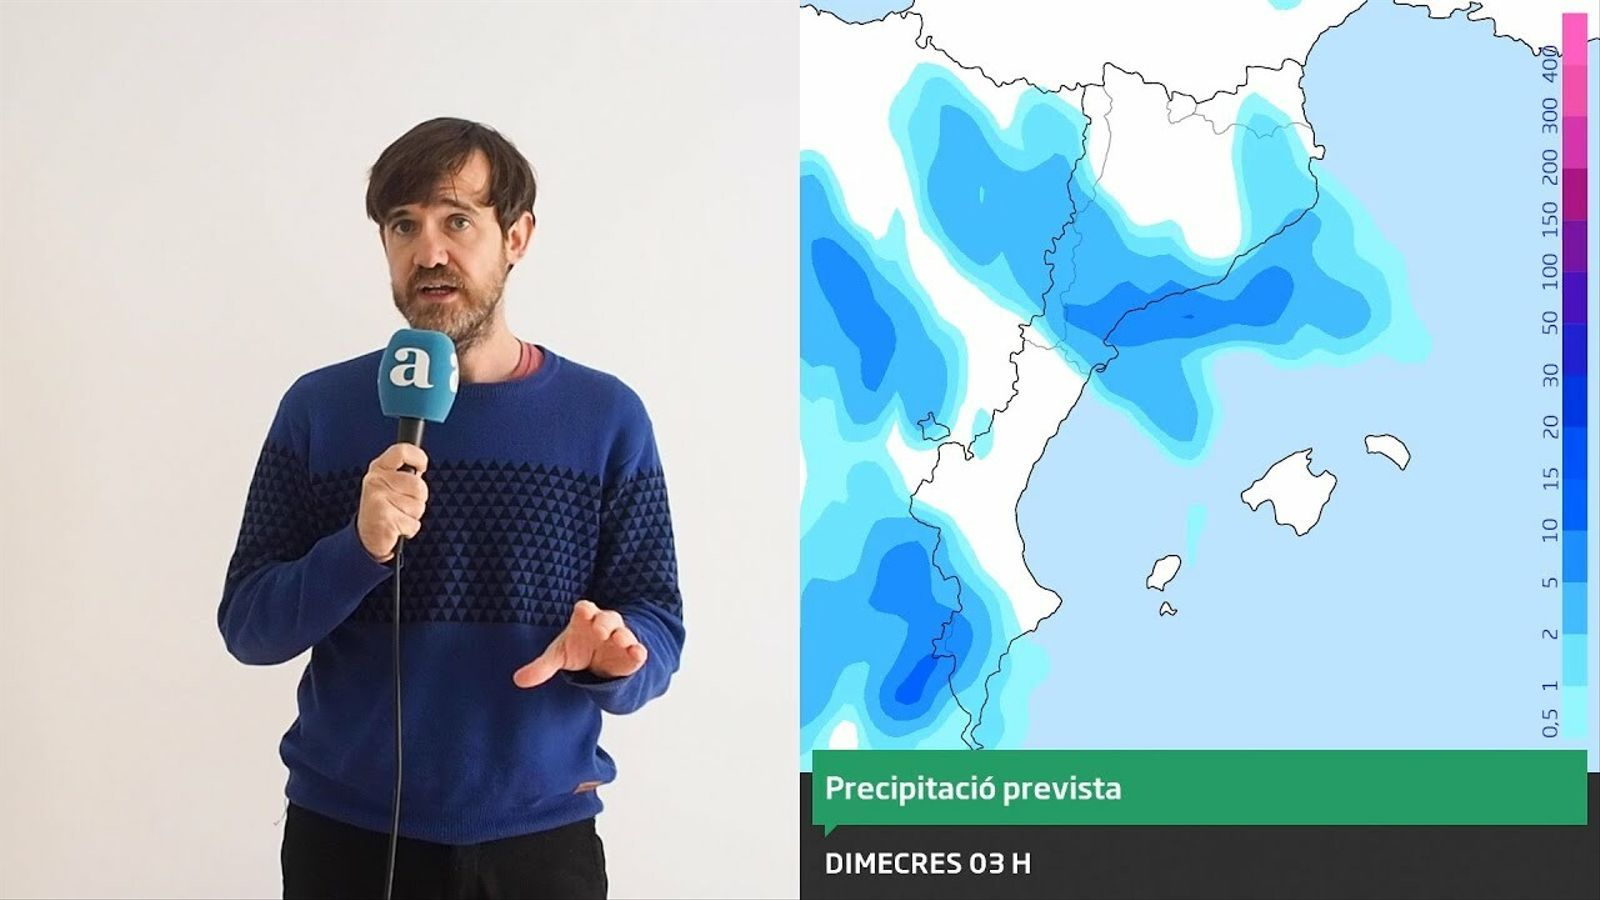 La méteo: aquest dimecres plourà més i en més comarques